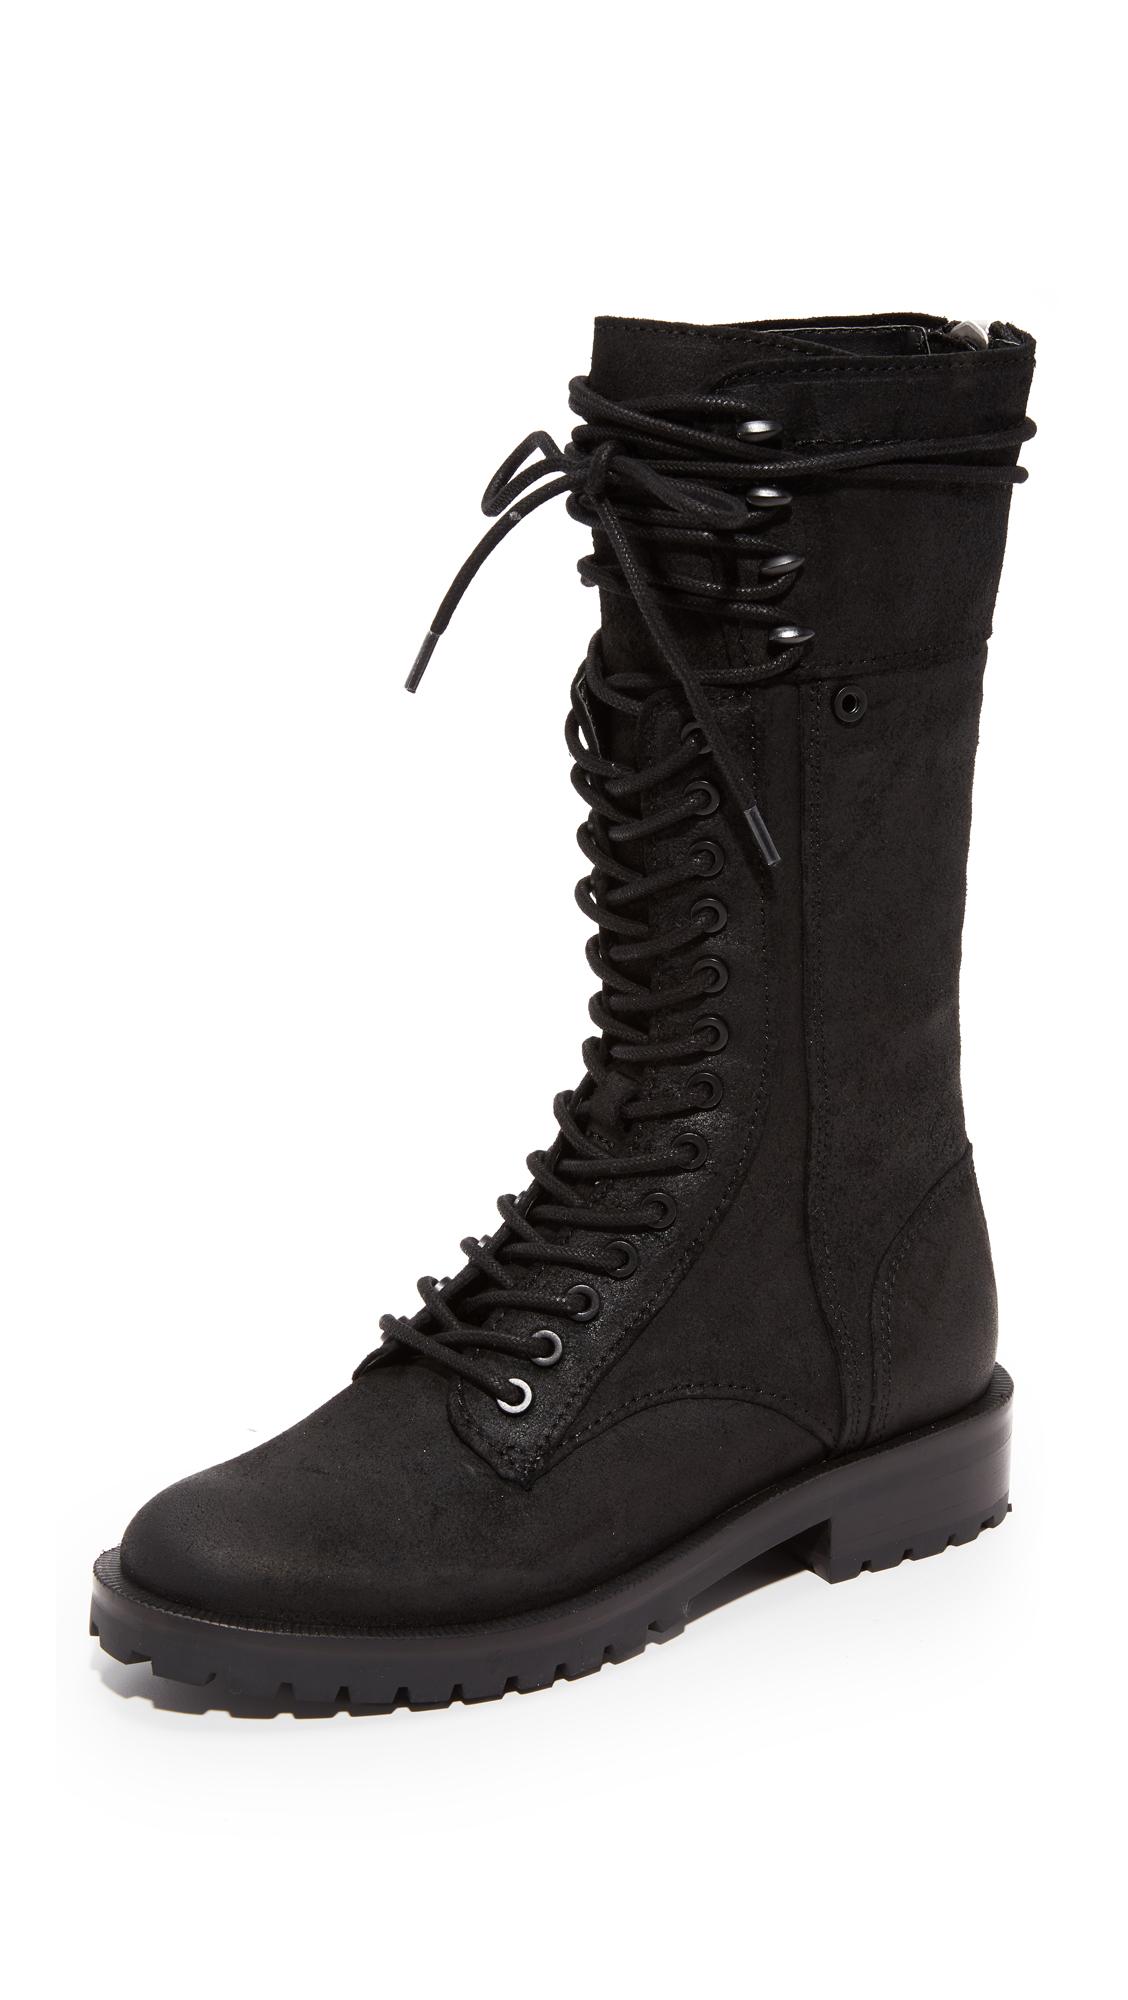 Dolce Vita Ward High Combat Boots - Black